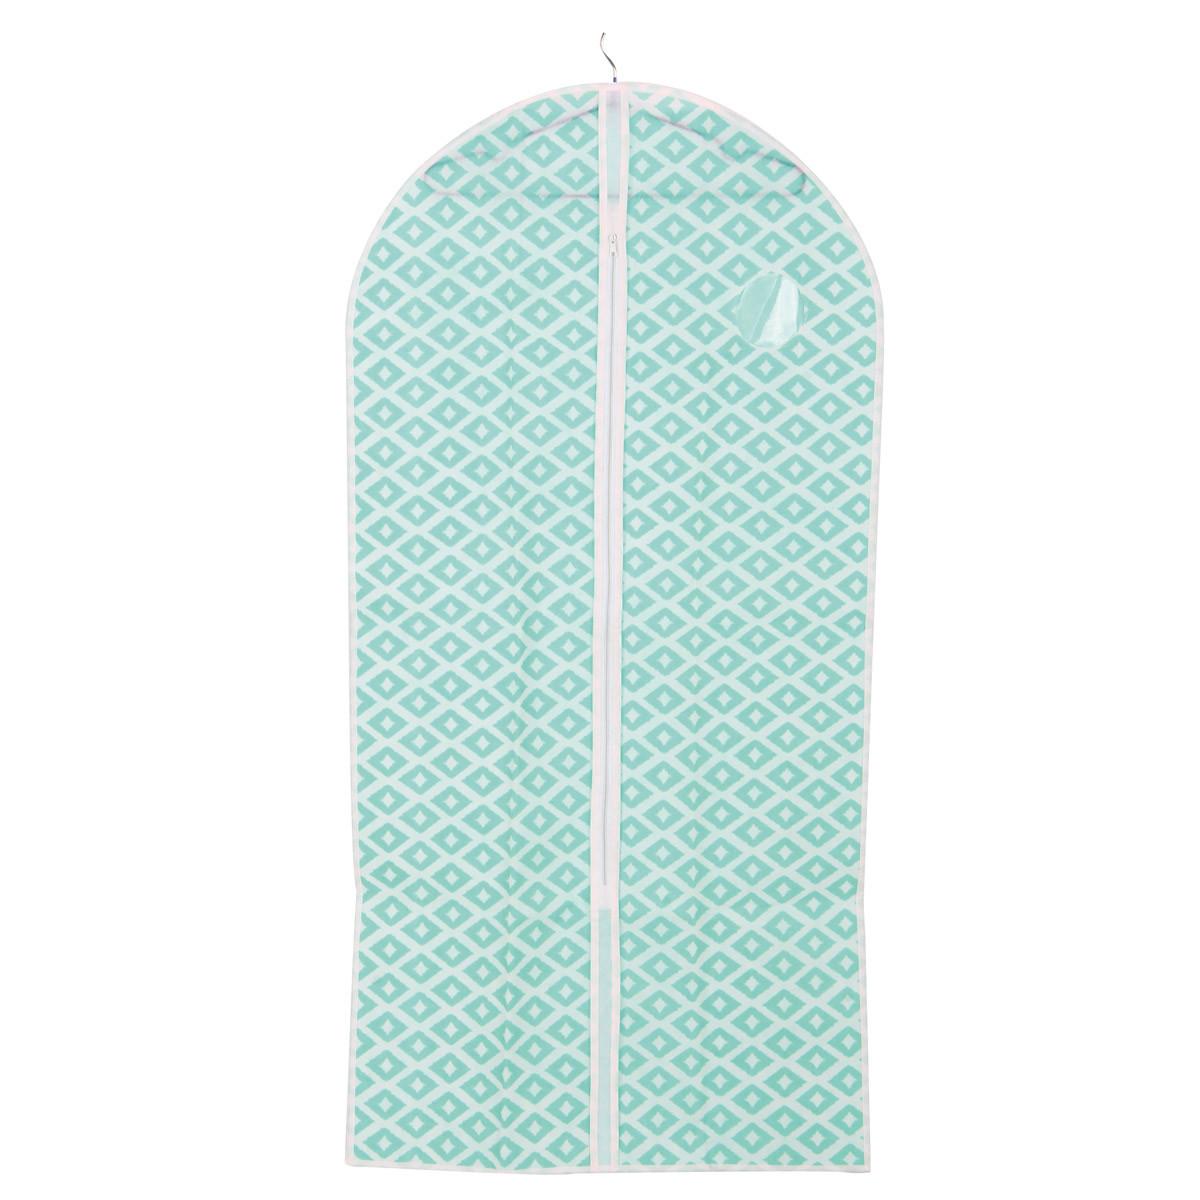 Θήκη Φύλαξης Παλτό/Φορεμάτων (60x120) εstia 03-5283 Turquoise home   κρεβατοκάμαρα   οργάνωση ντουλάπας